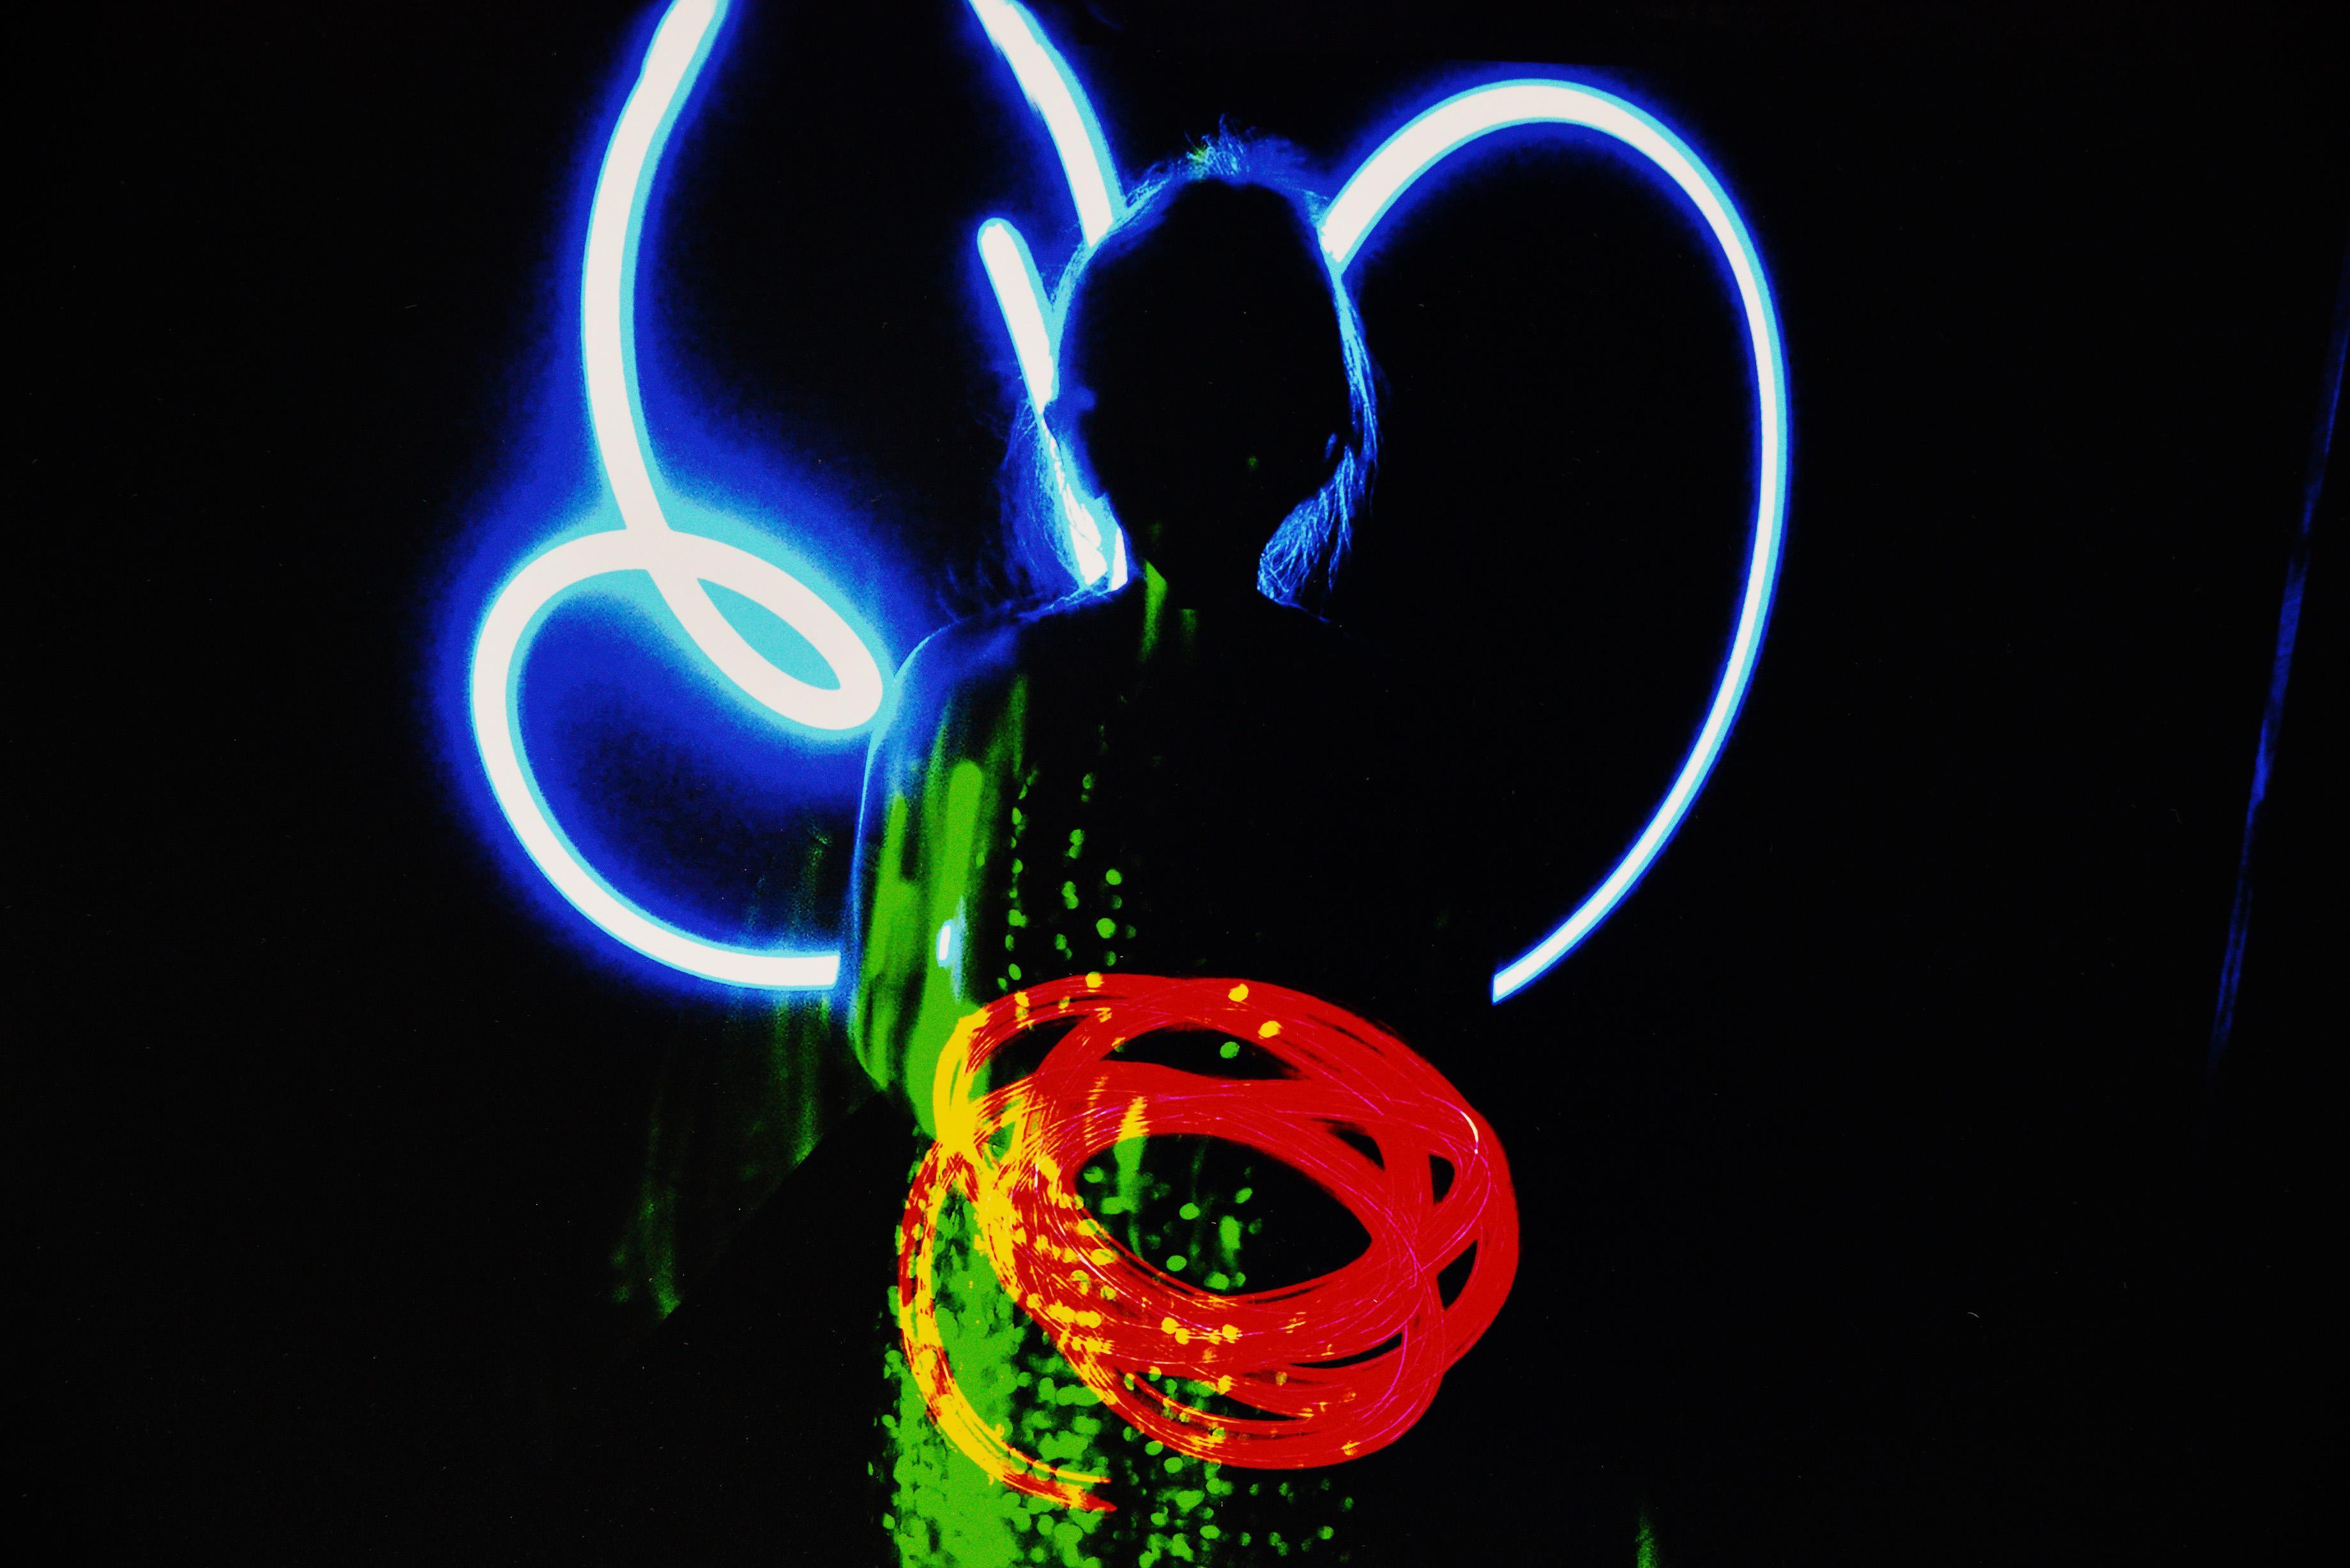 Foto mit Lichtspiel aus der Kunstschule Potsdam